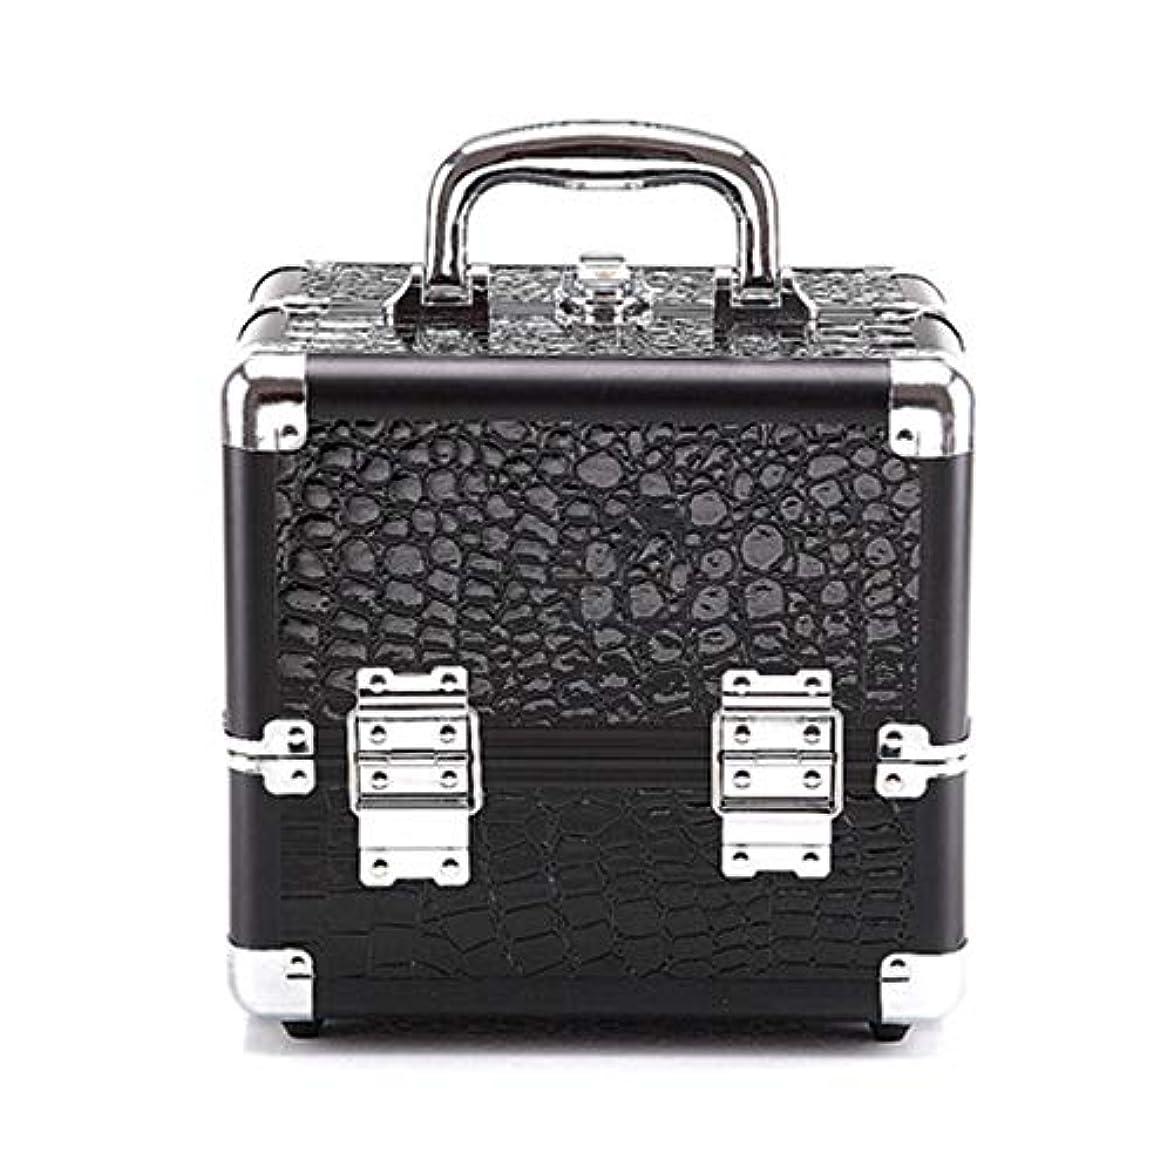 二度アトラス提唱する化粧オーガナイザーバッグ クロコダイルパターンストレージ美容ボックスメイクアップネイルジュエリー化粧品バニティケース 化粧品ケース (色 : Black(S))